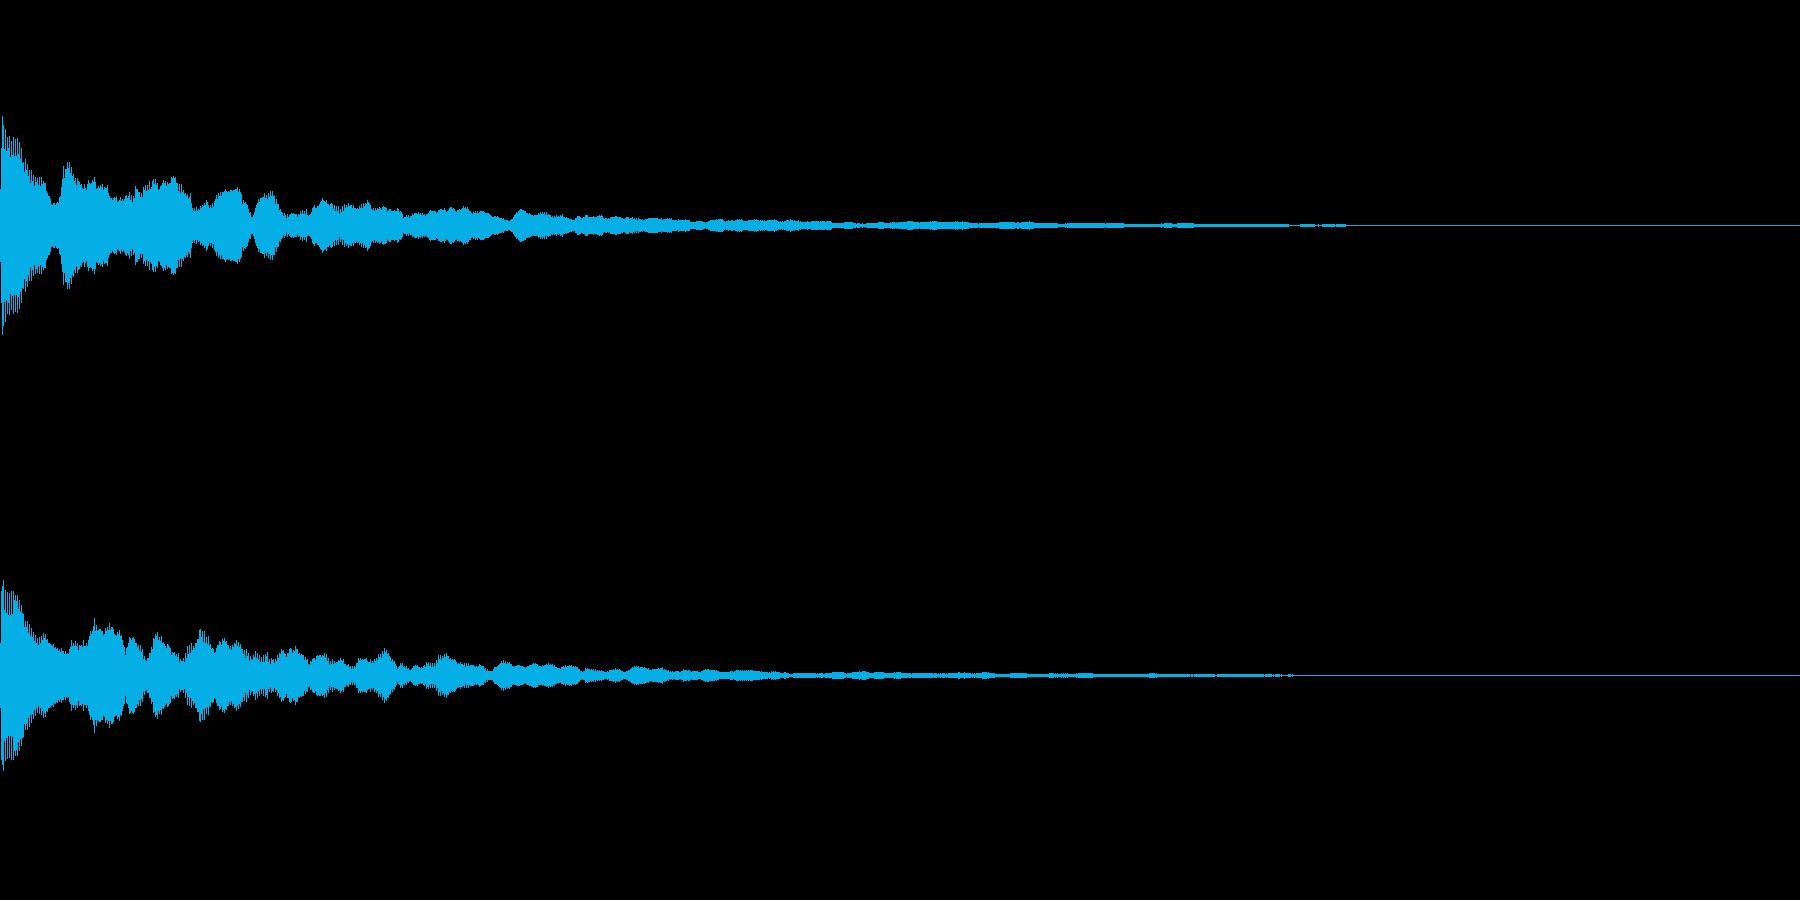 ポーン(ふとした気づきや、アイキャッチ)の再生済みの波形